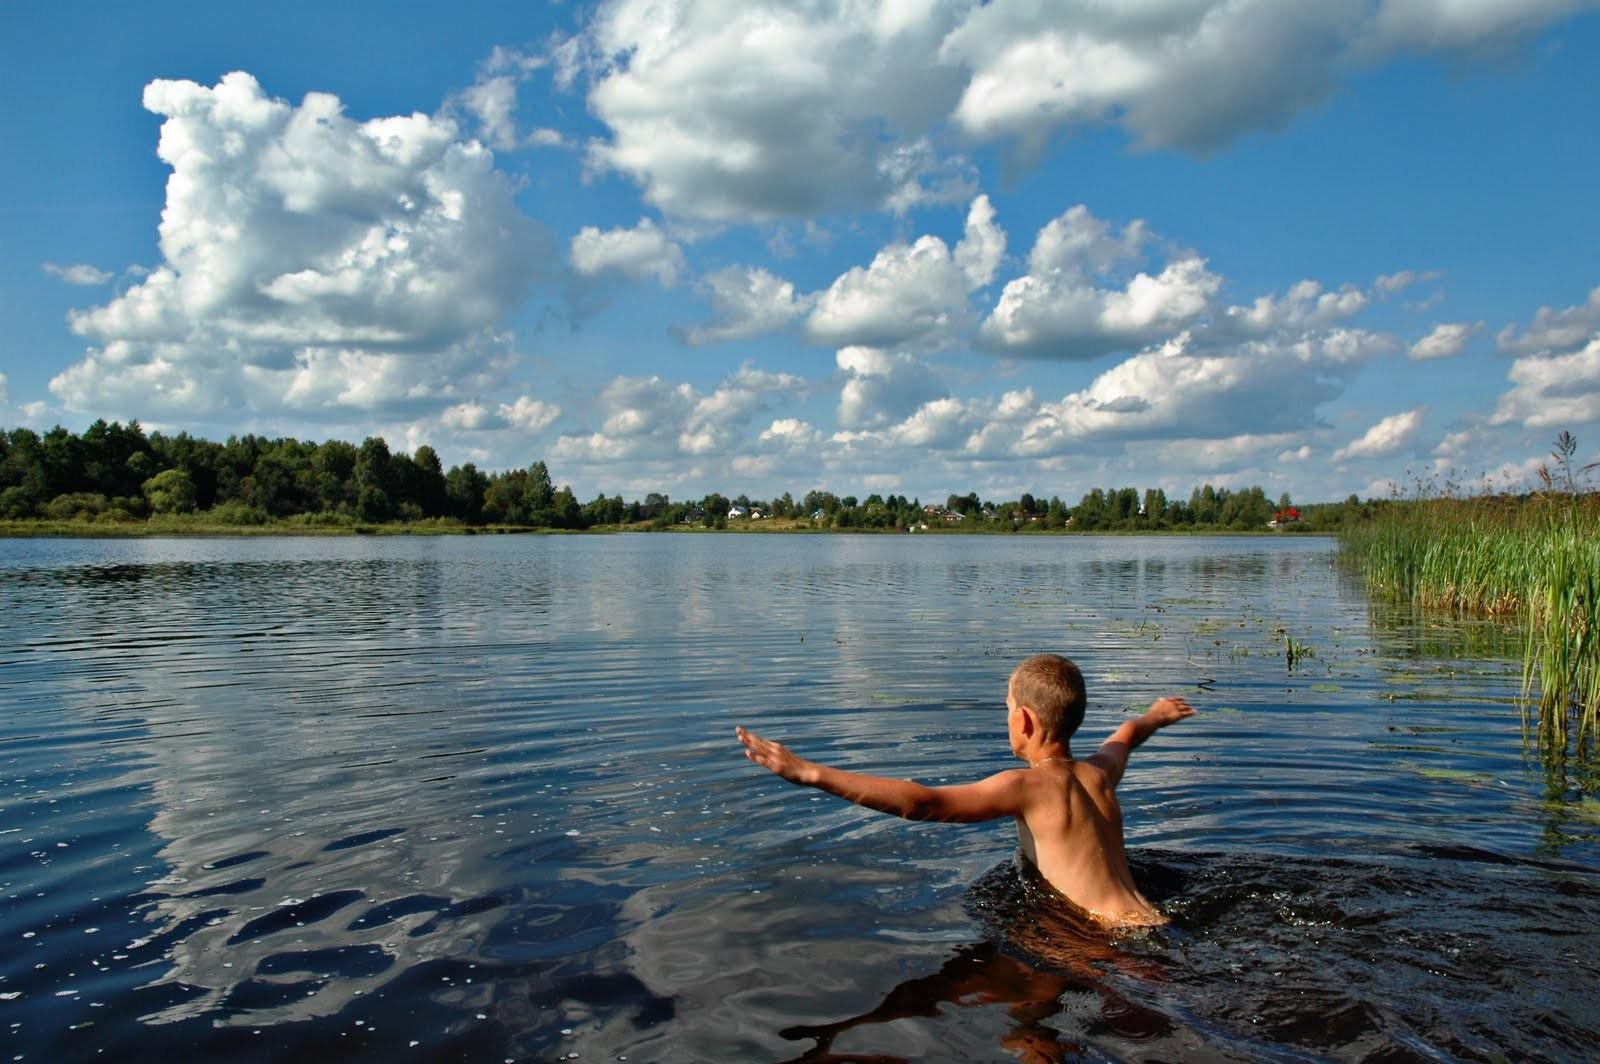 Купайтесь вванне: на 3-х пляжах Воронежа обнаружили рискованных возбудителей желудочно-кишечных заболеваний